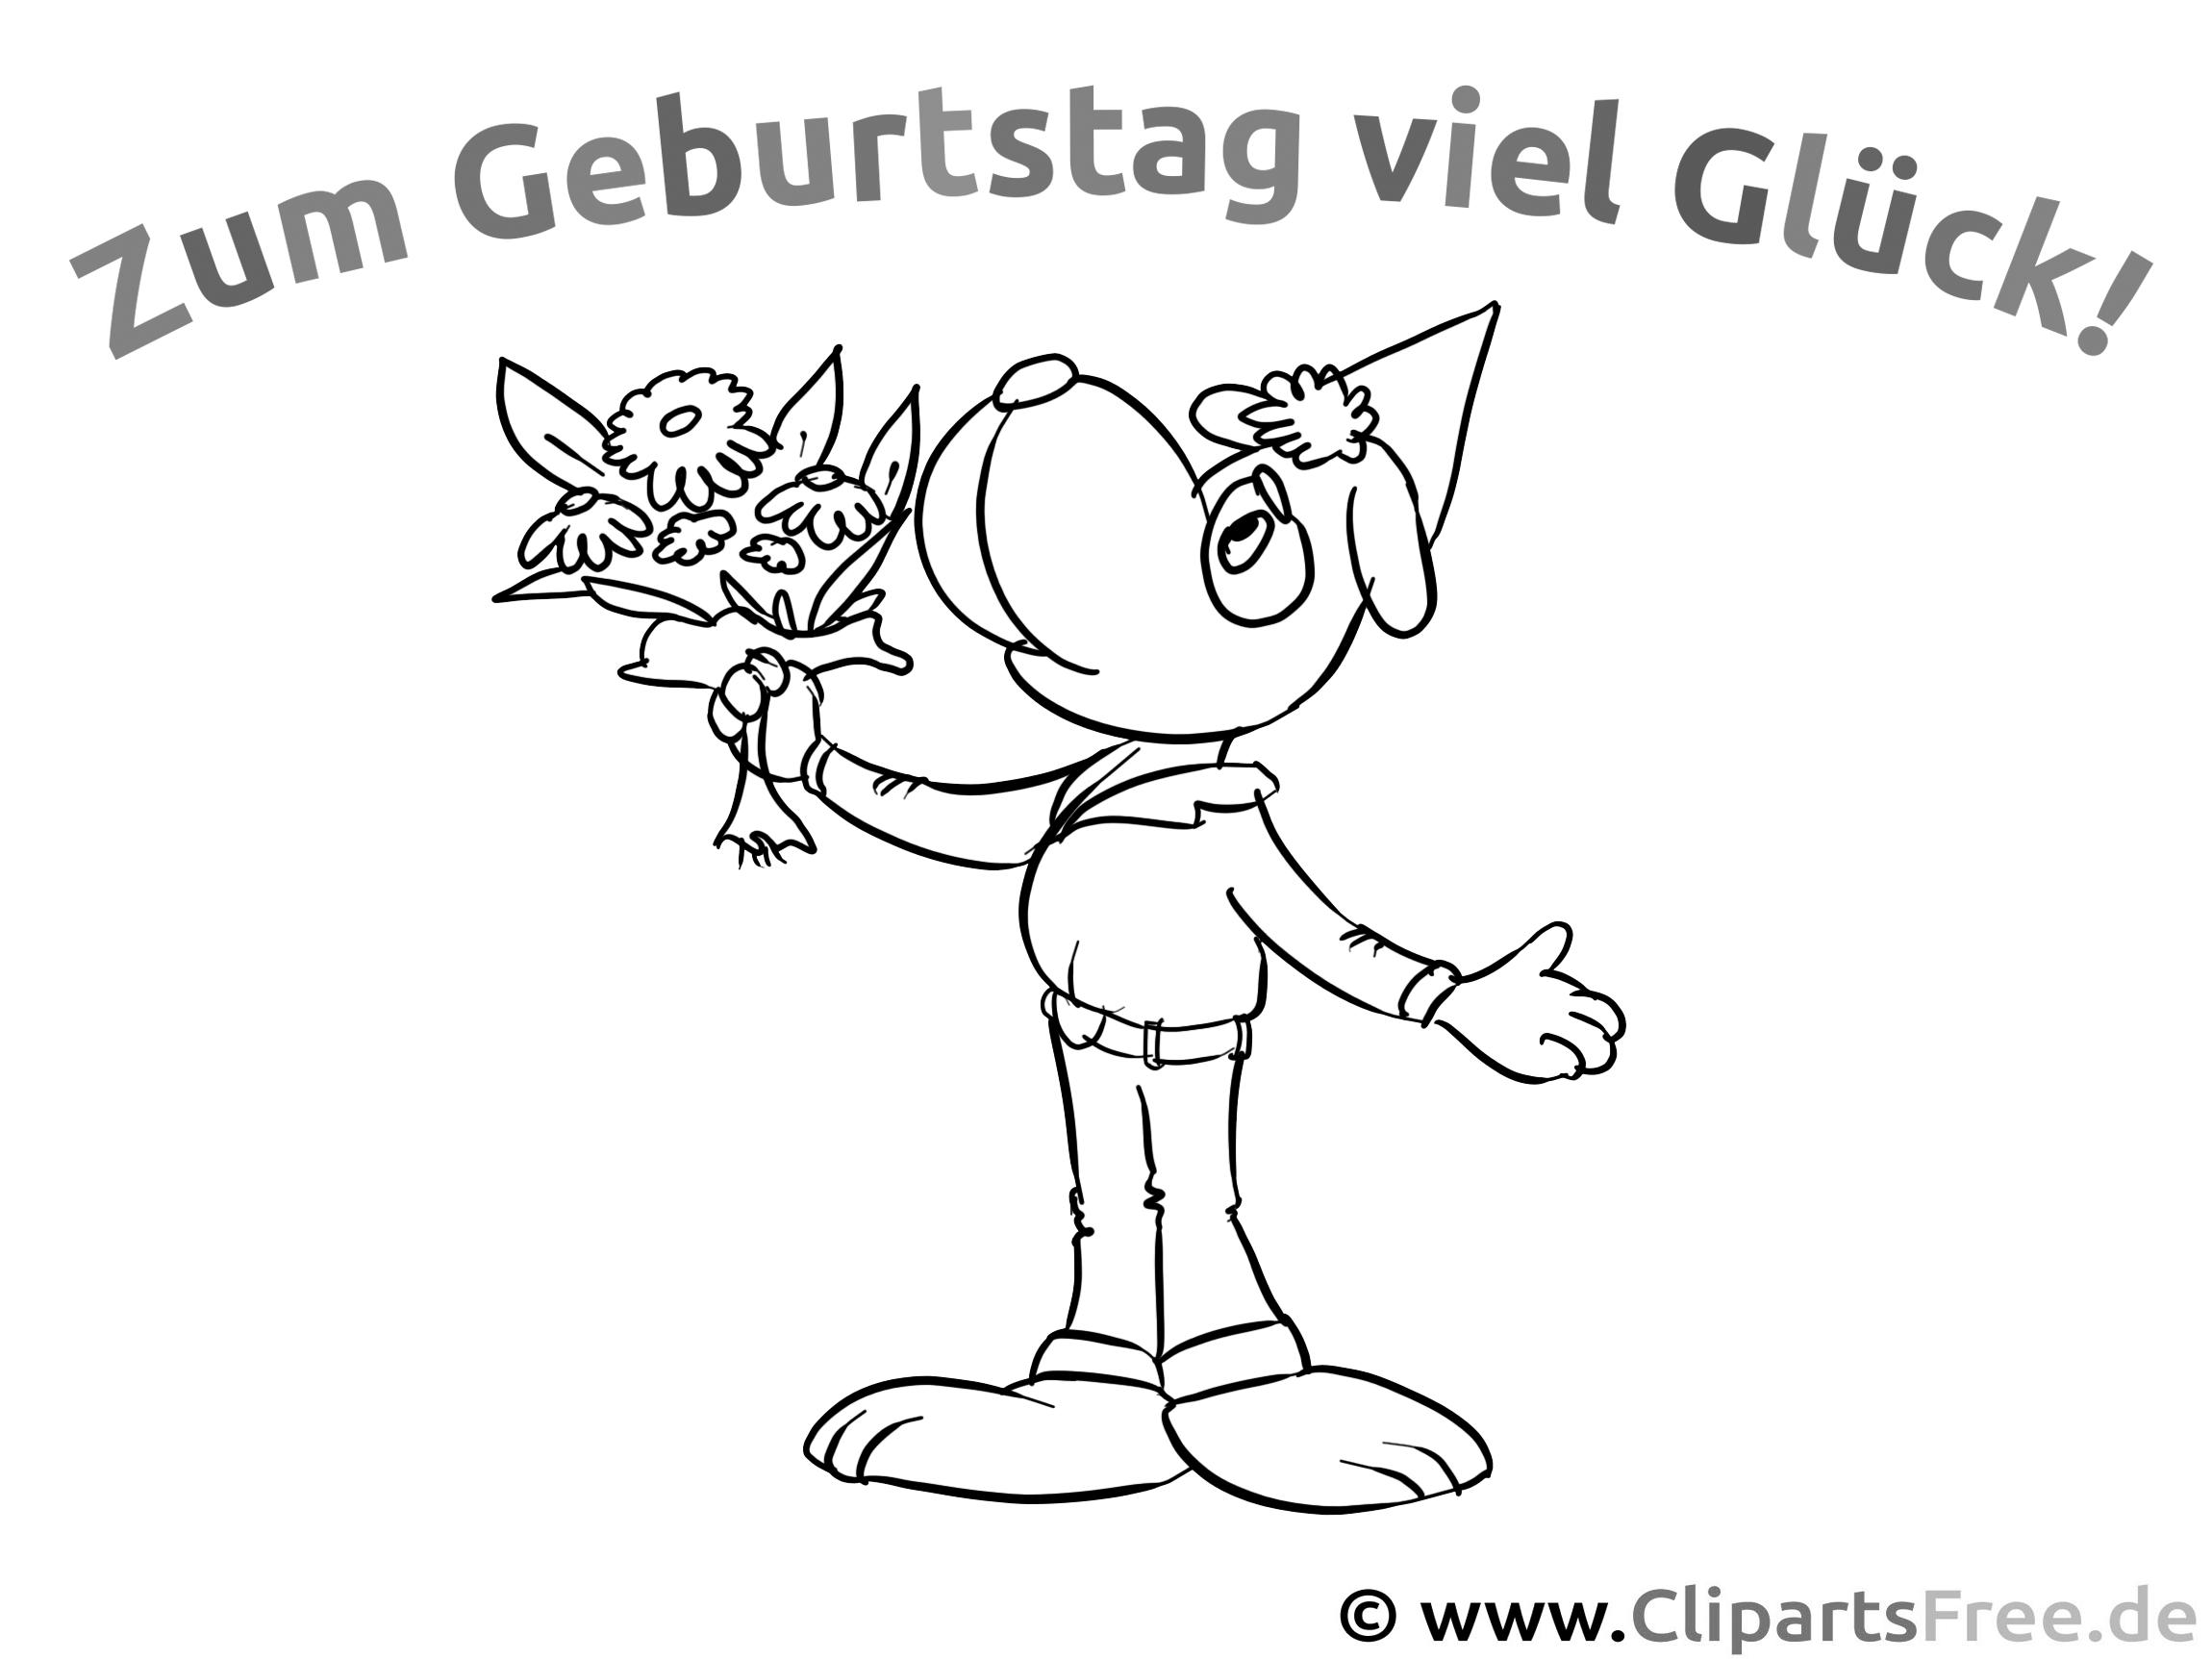 Cartoonhund Malvorlage zum Geburtstag